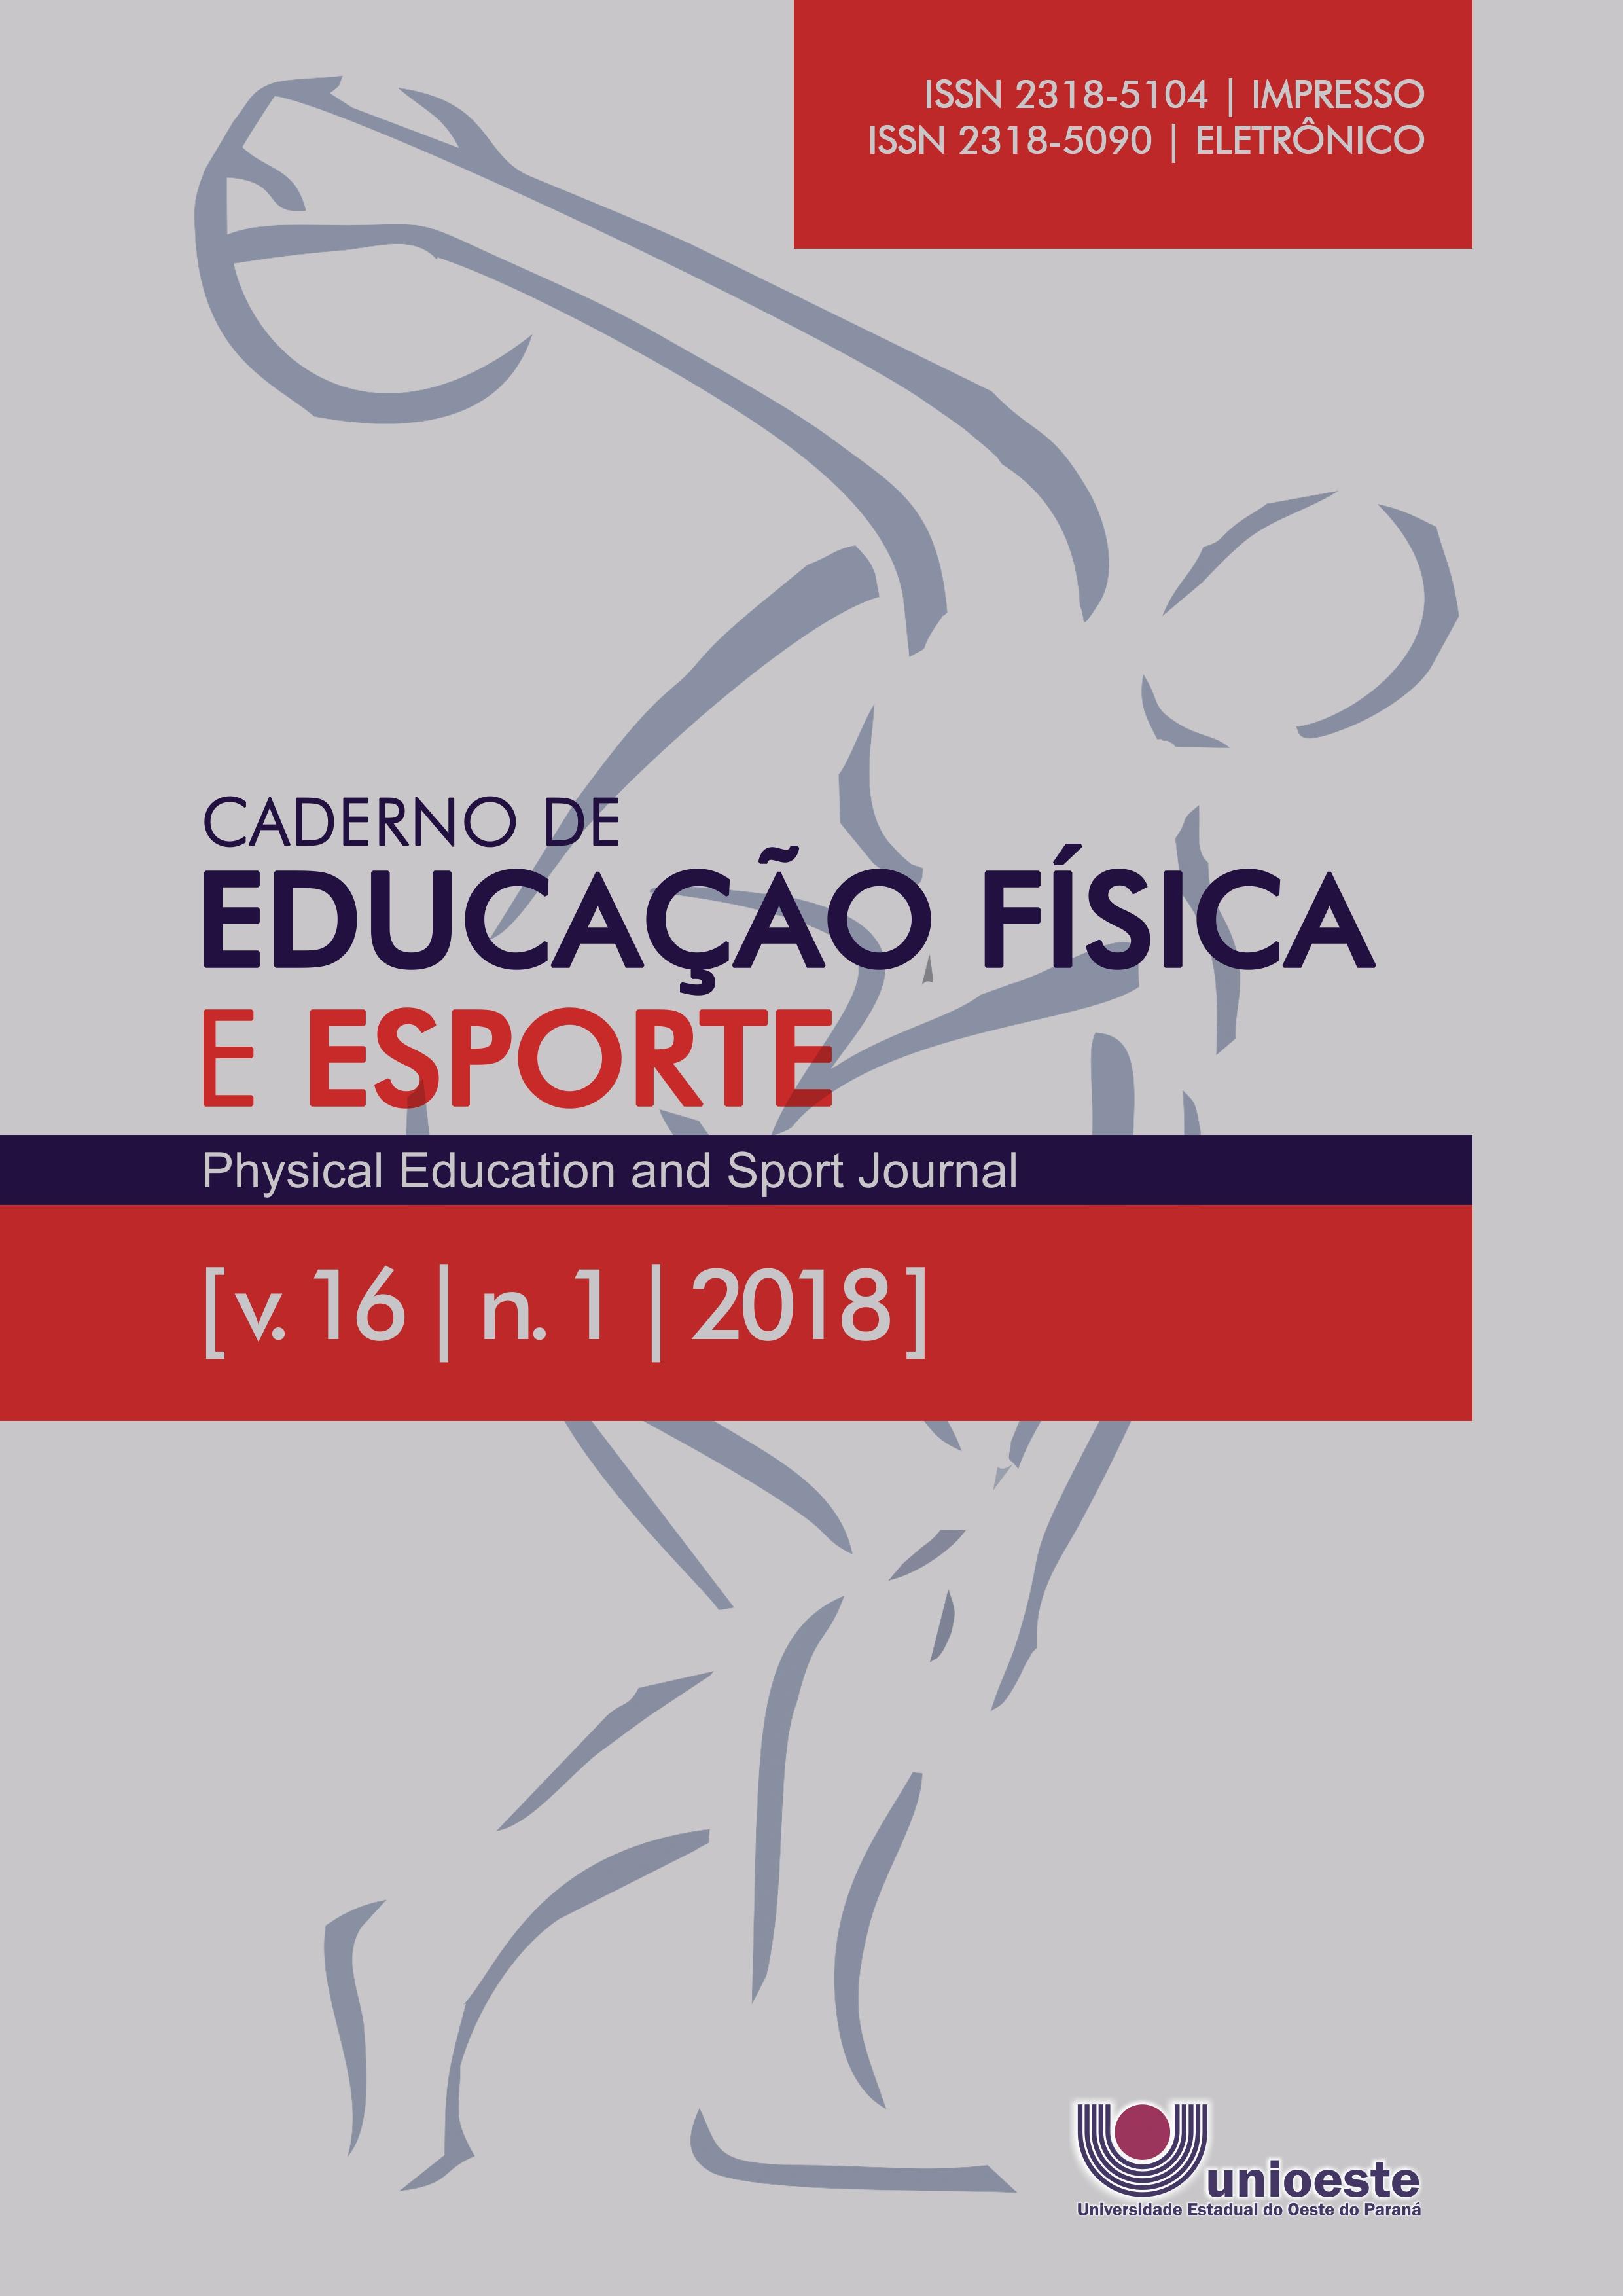 Visualizar v. 16 n. 1 (2018): Caderno de Educação Física e Esporte